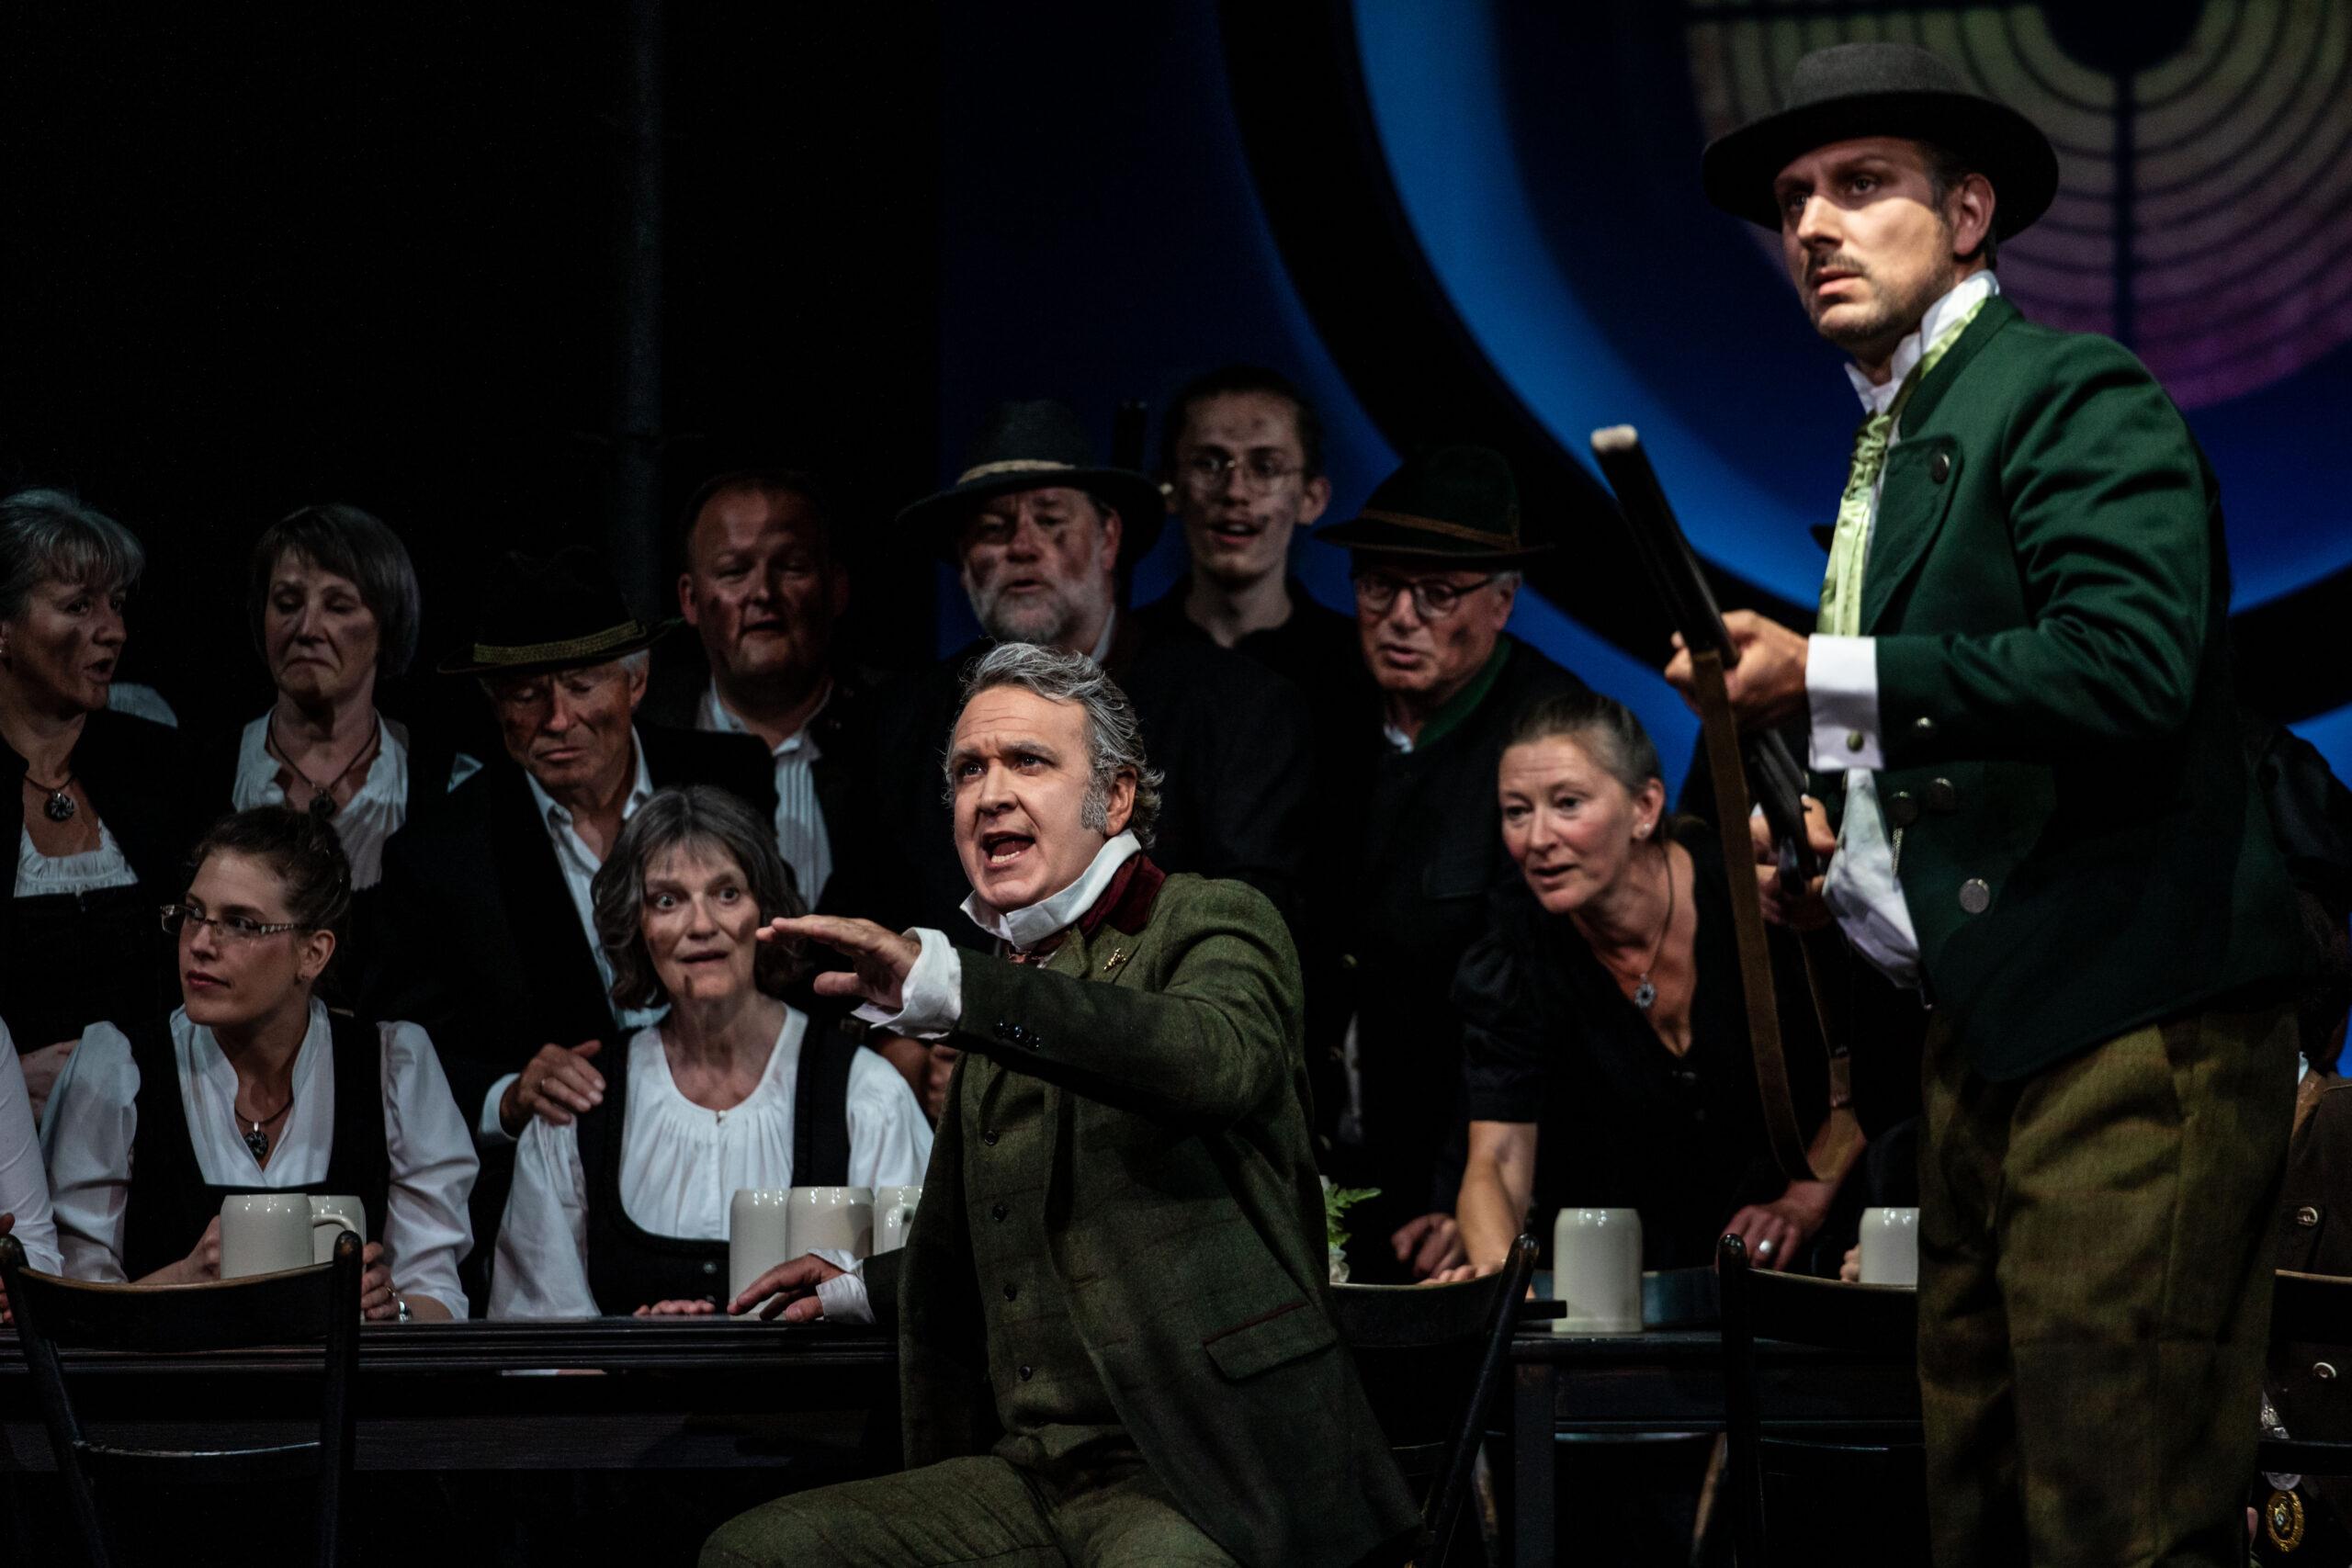 Opernfestival_Oberpfalz_Freischütz_Kuno_erzählt_die_Legende_von_den_Freikugeln Foto: Christina Iberl